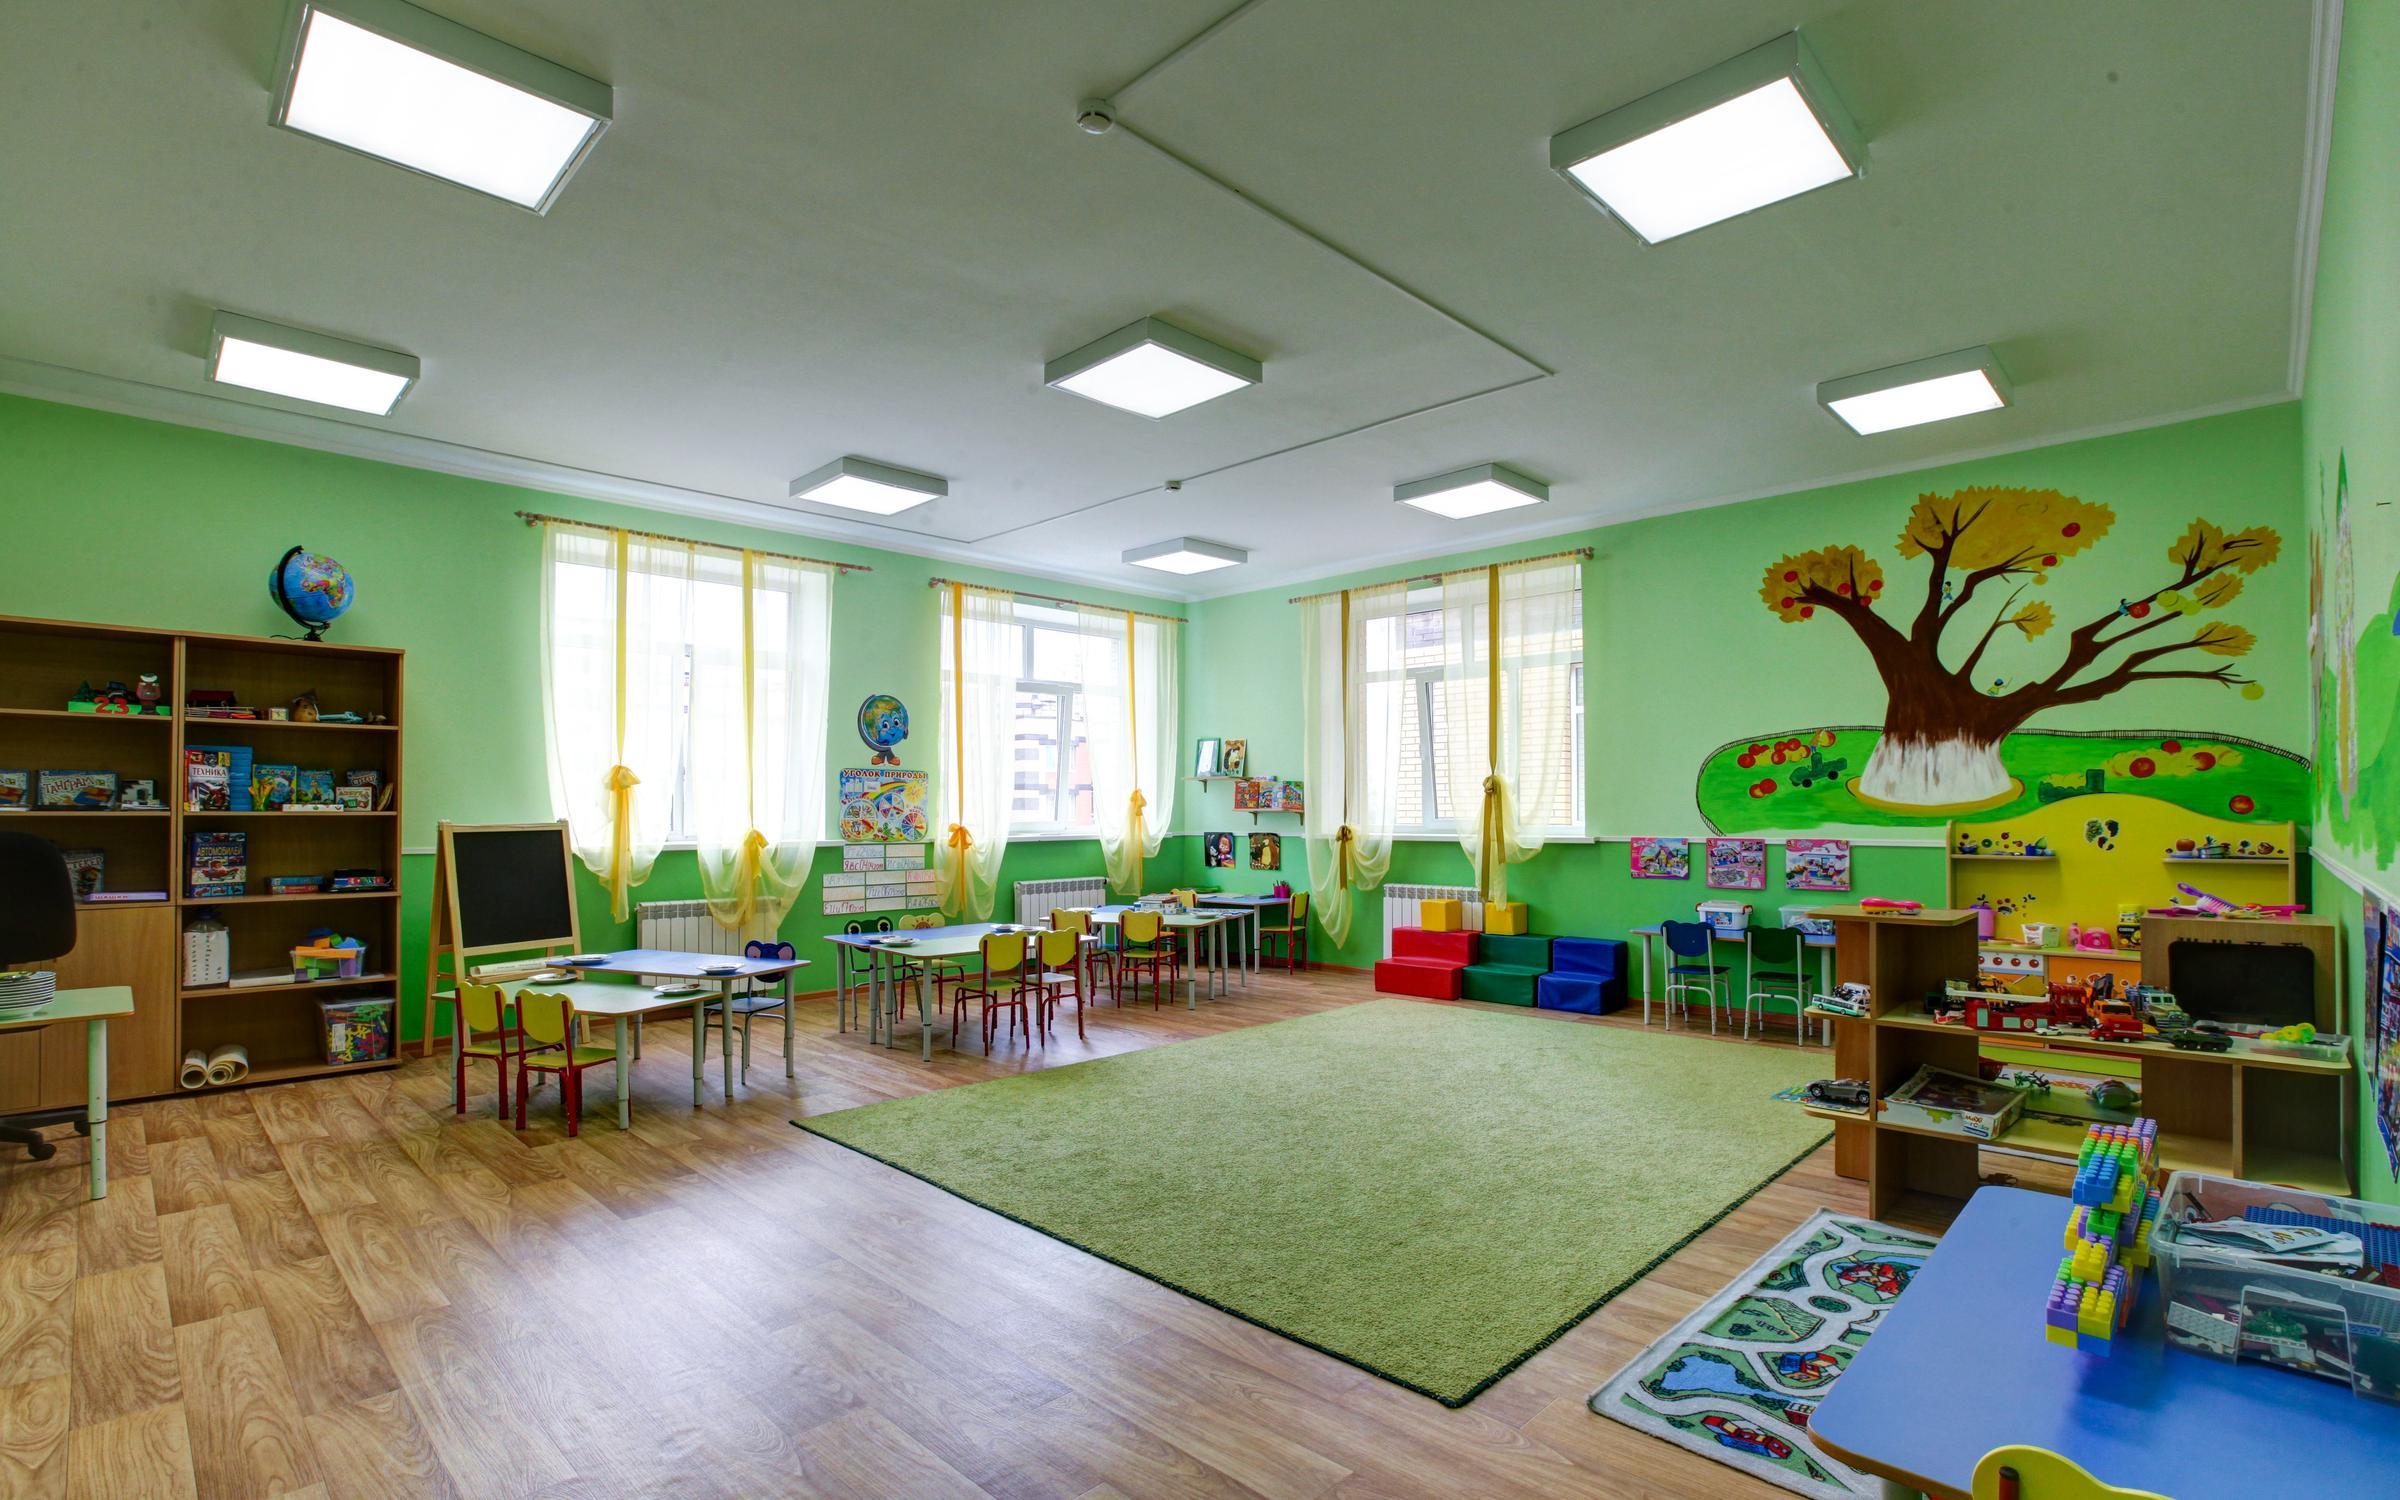 фотография Частного детского сада Alex Garden на улице Потаповская Роща, 2к5